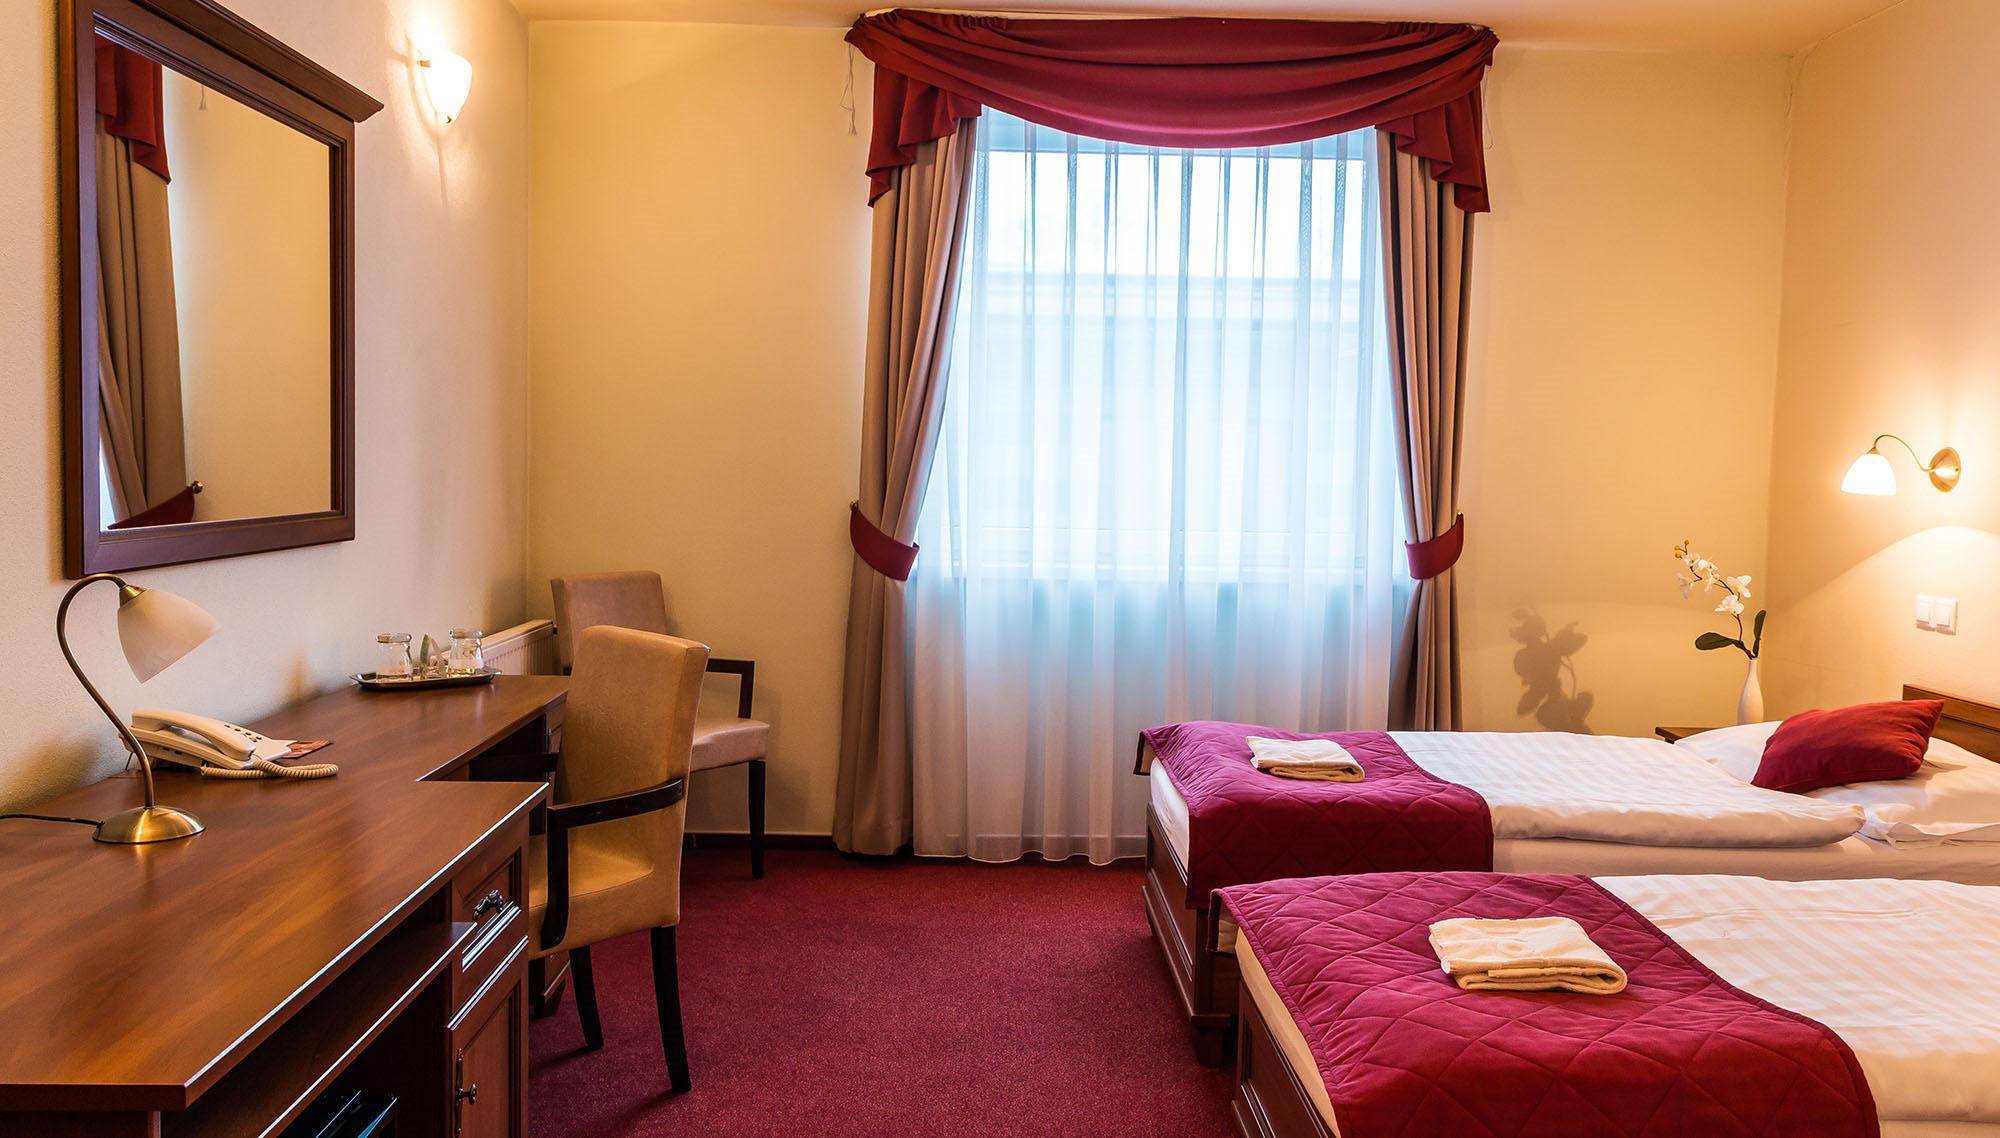 Dixon Resort Ubytovanie Banská Bystrica